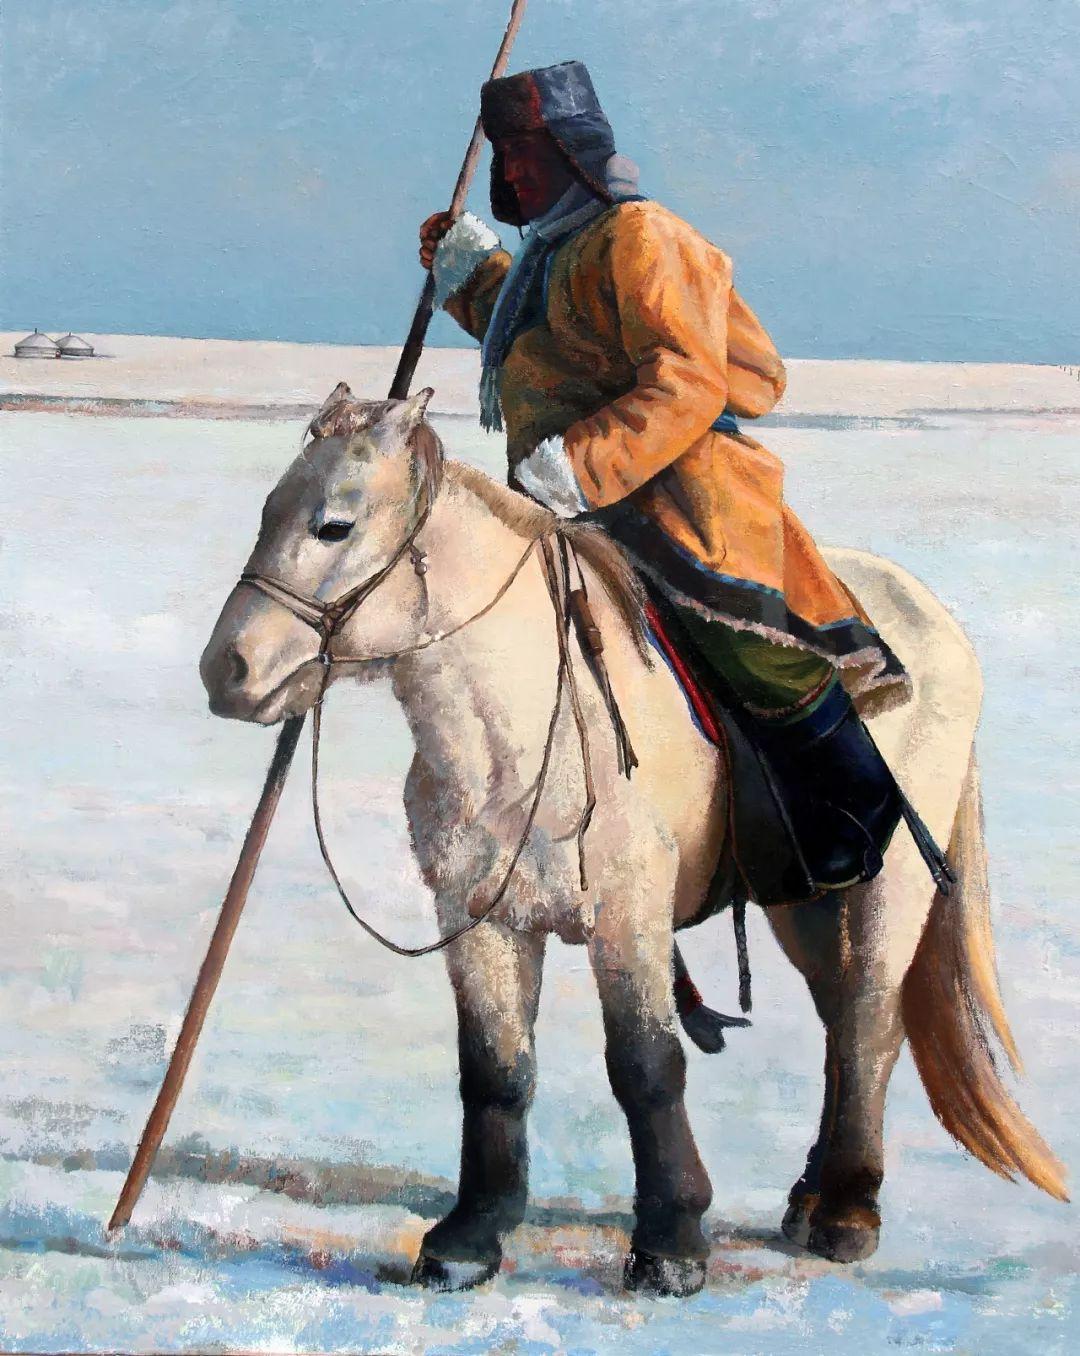 蒙古马 内蒙古当代美术作品微展(二) 第6张 蒙古马 内蒙古当代美术作品微展(二) 蒙古画廊